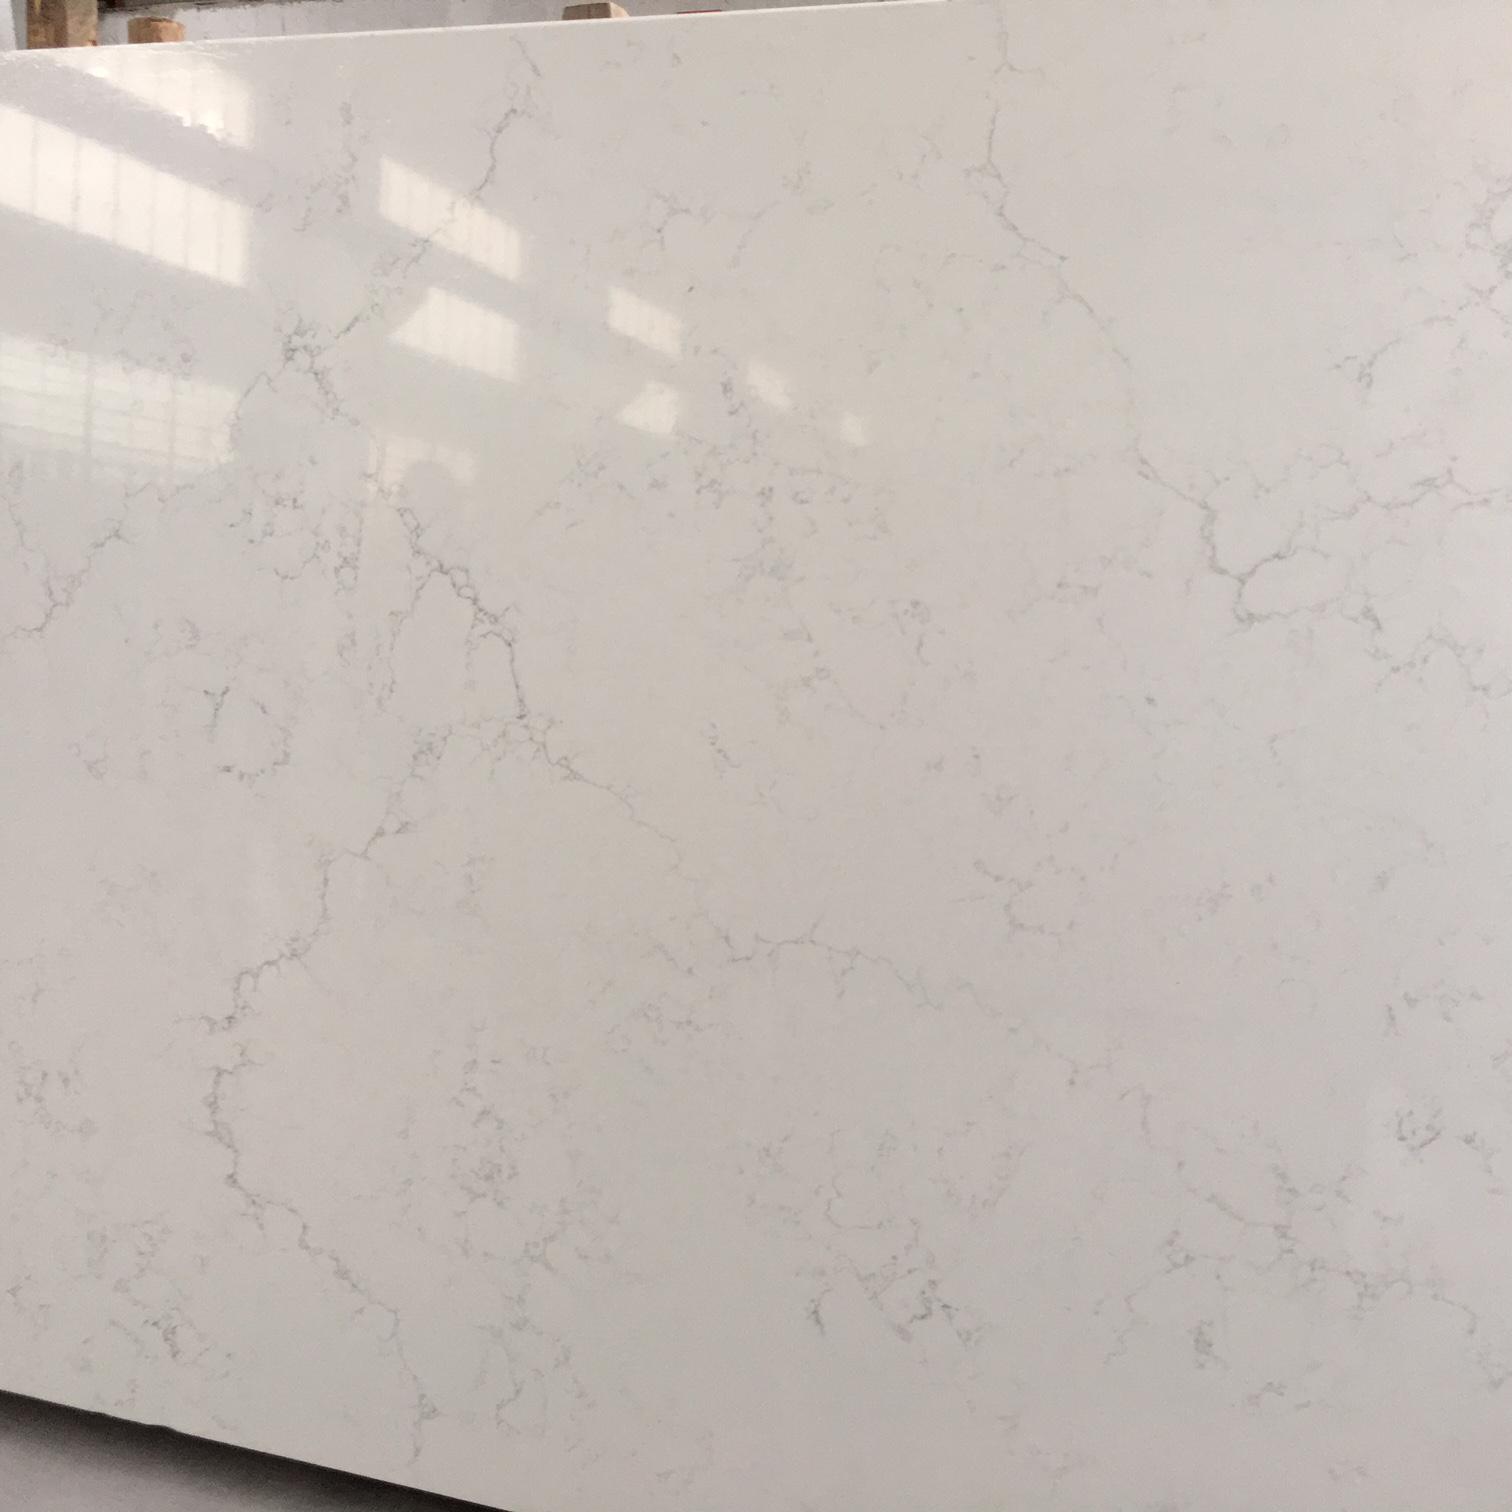 Carrara Venatino Cq 3cm Quartz Slabs Amp Countertops